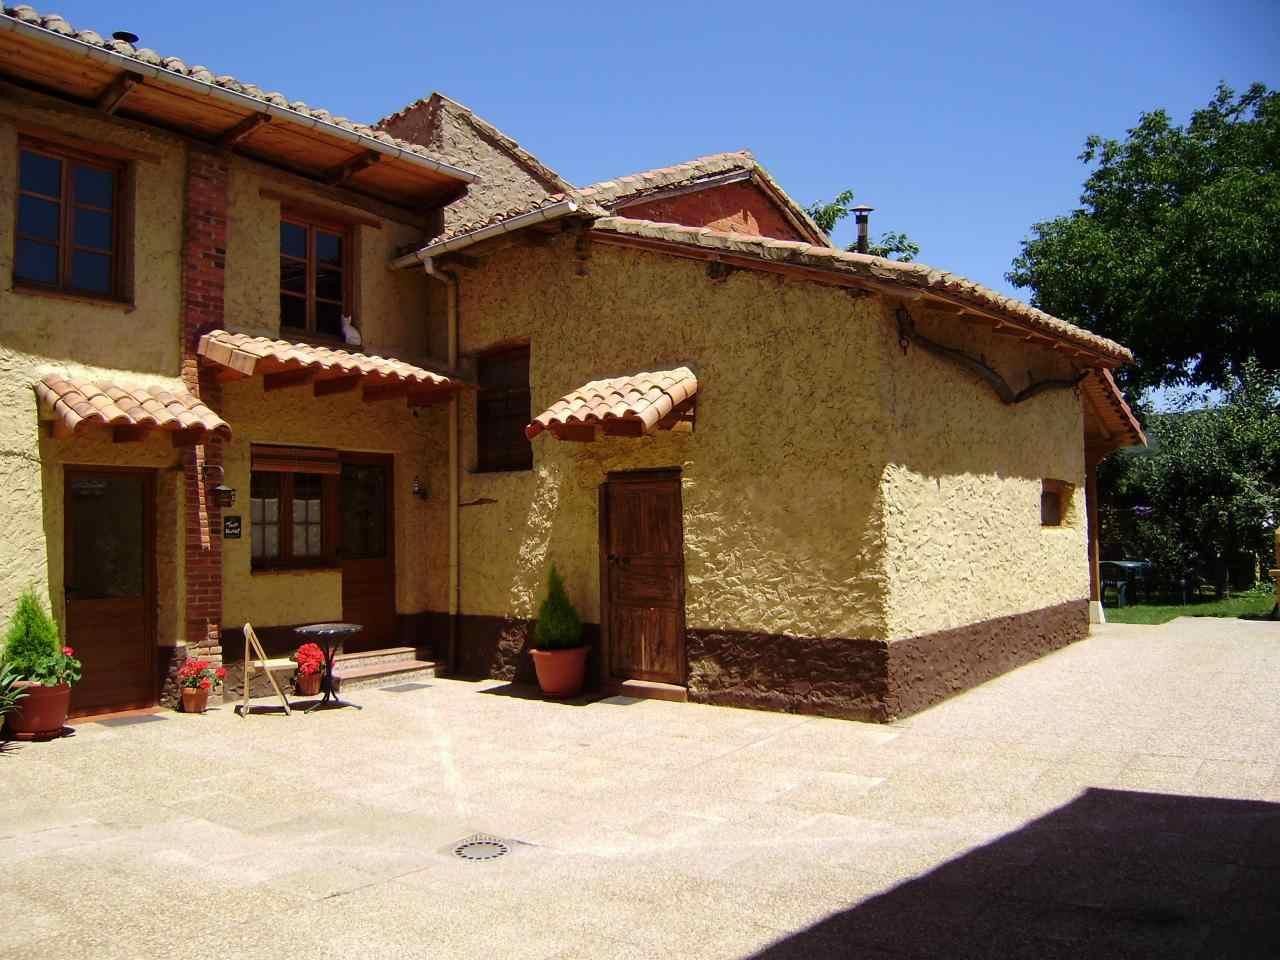 Habitaciones en alquiler Villanueva del Condado, León